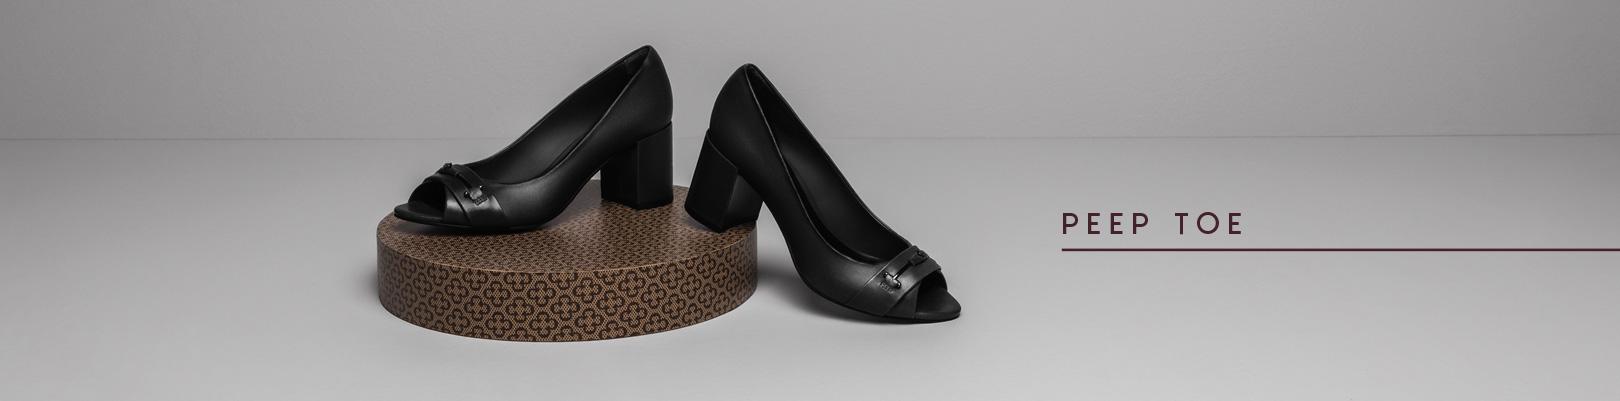 Mules Capodarte Sapato Mule Feminino